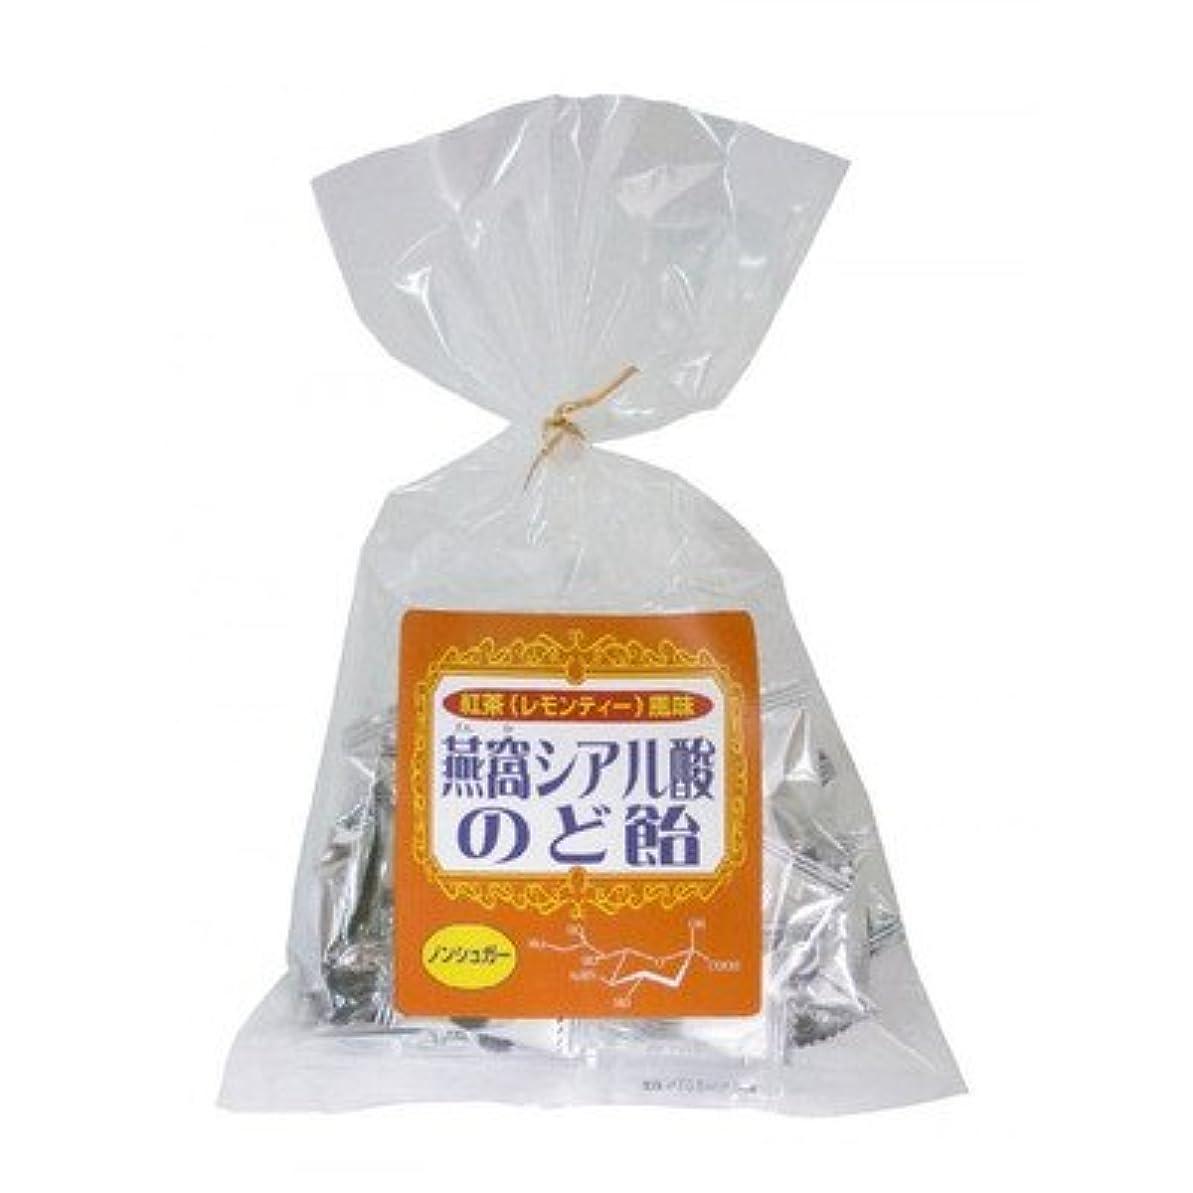 振るう摘むオーナー燕窩シアル酸のど飴ノンシュガー 紅茶(レモンティー)風味 87g×3袋